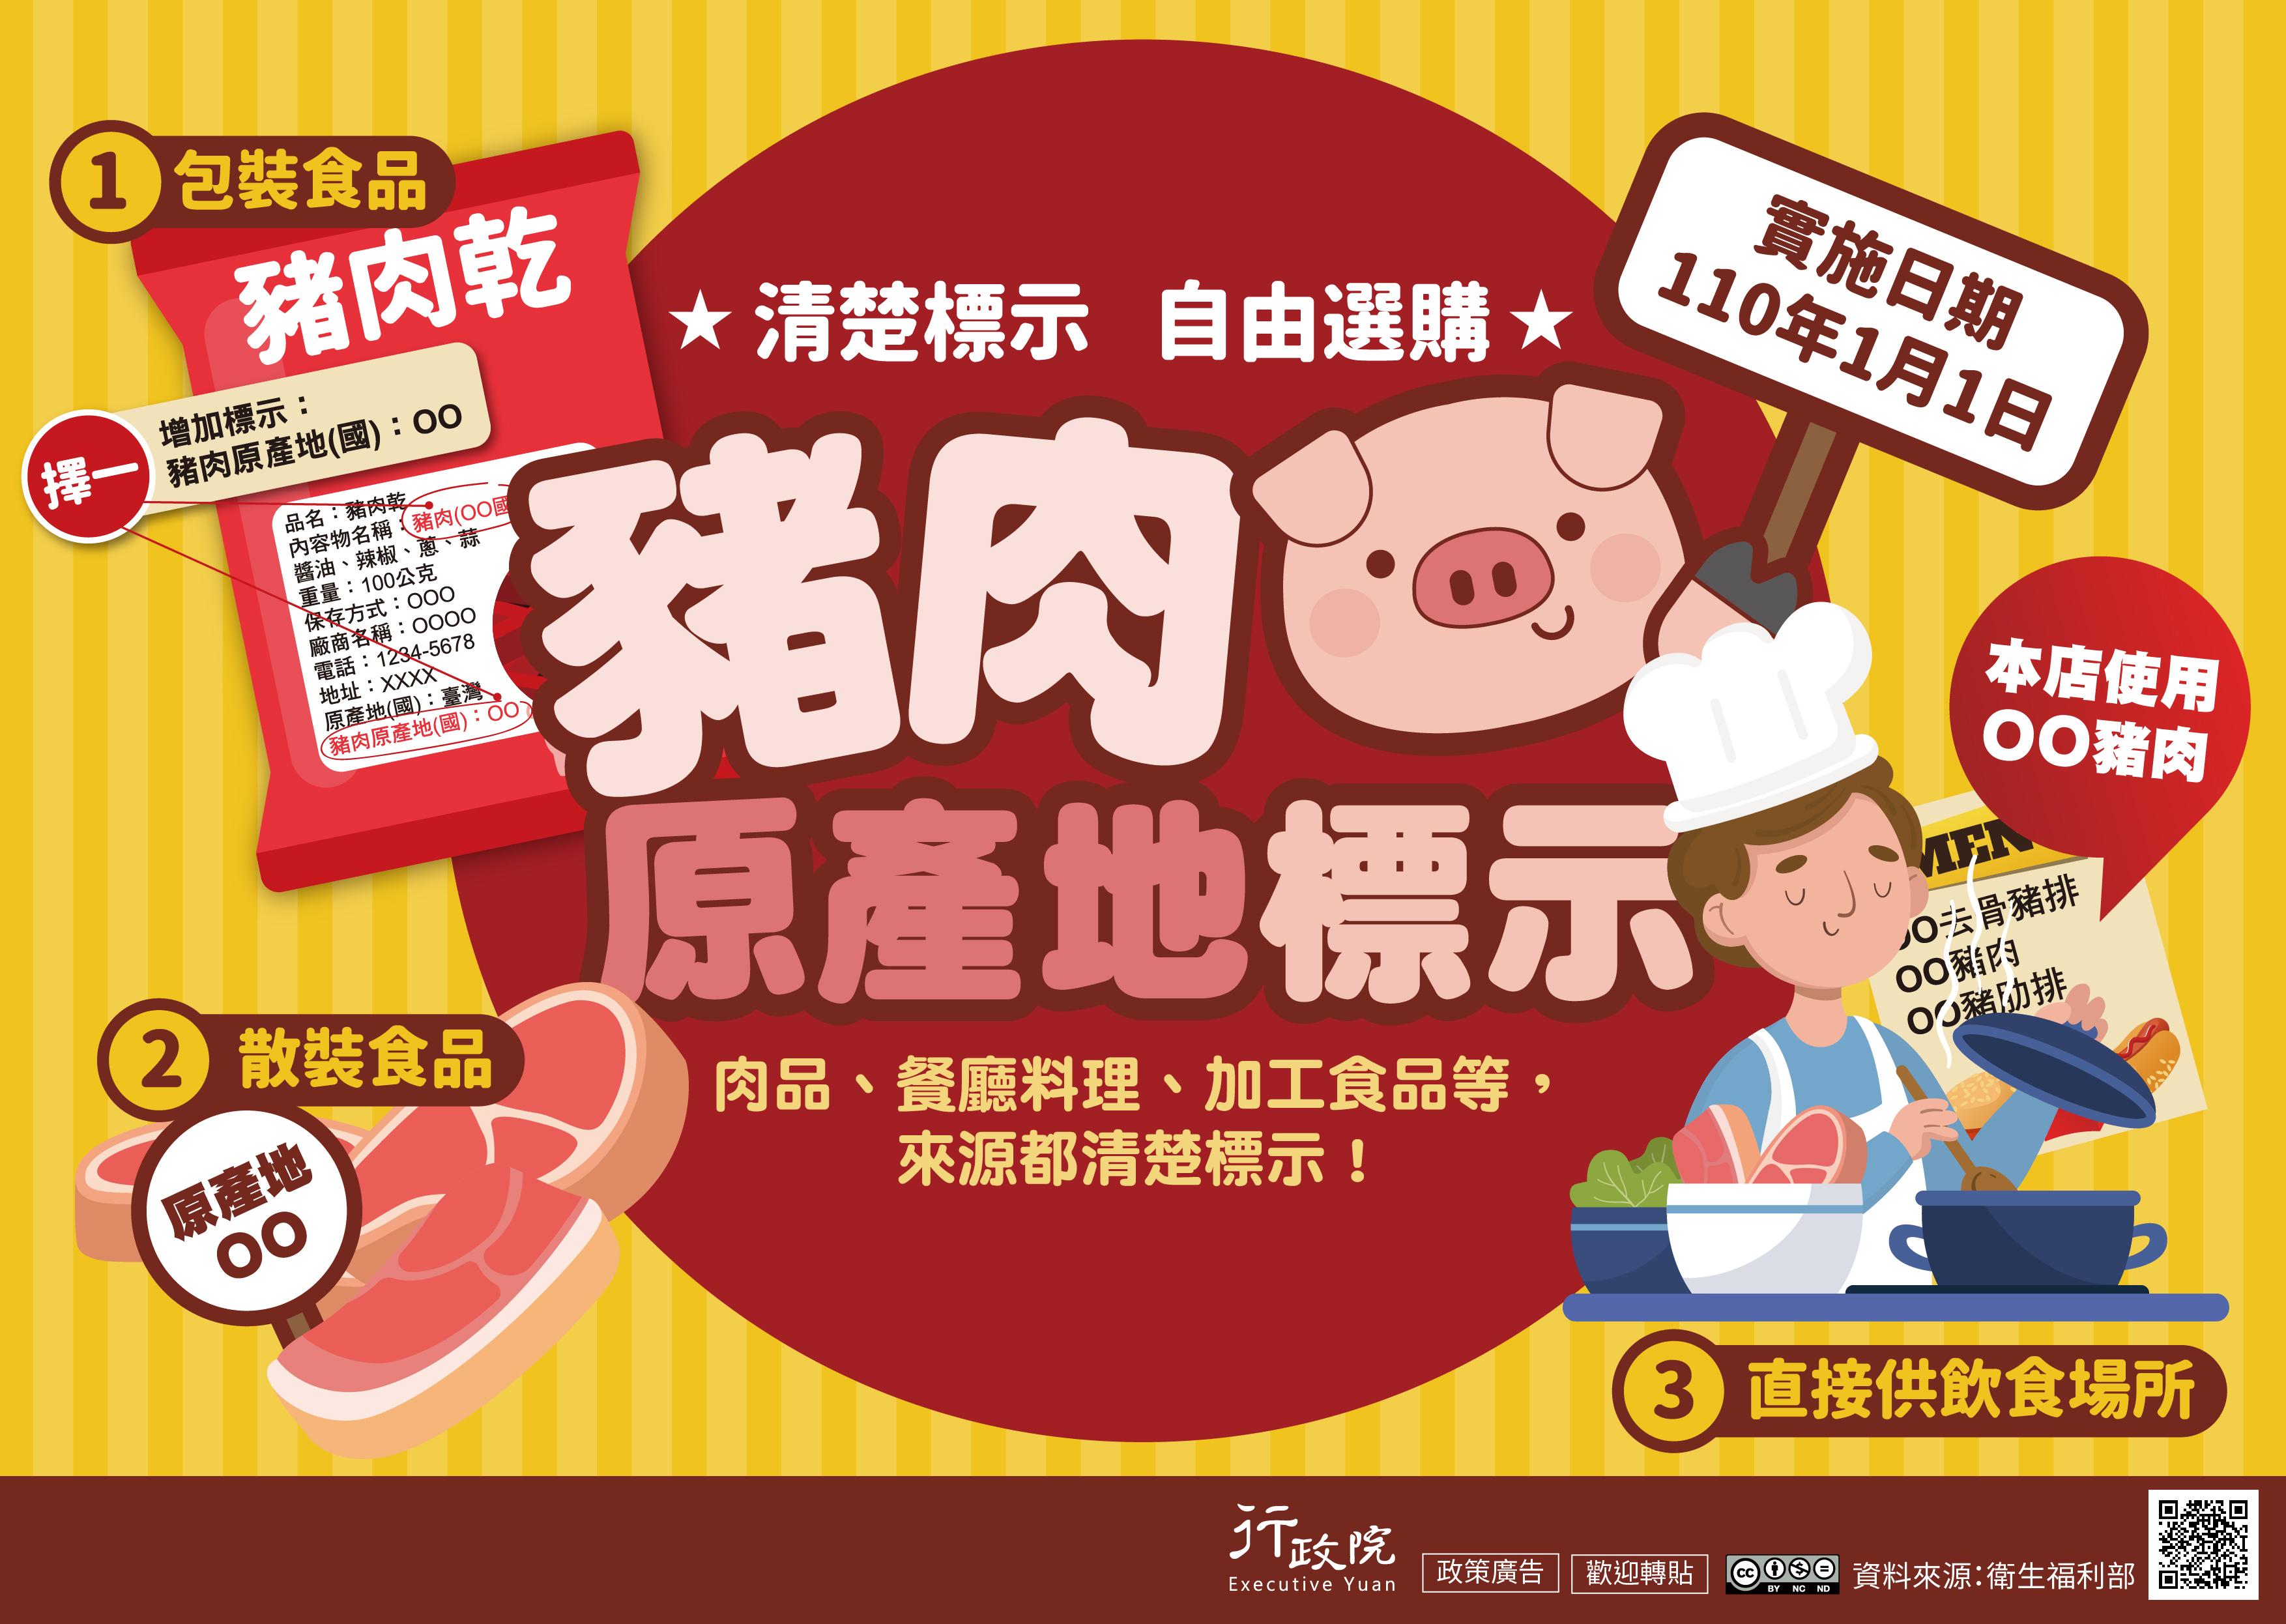 行政院新聞傳播處「110年1月1日起豬肉原產地標示」政策廣告